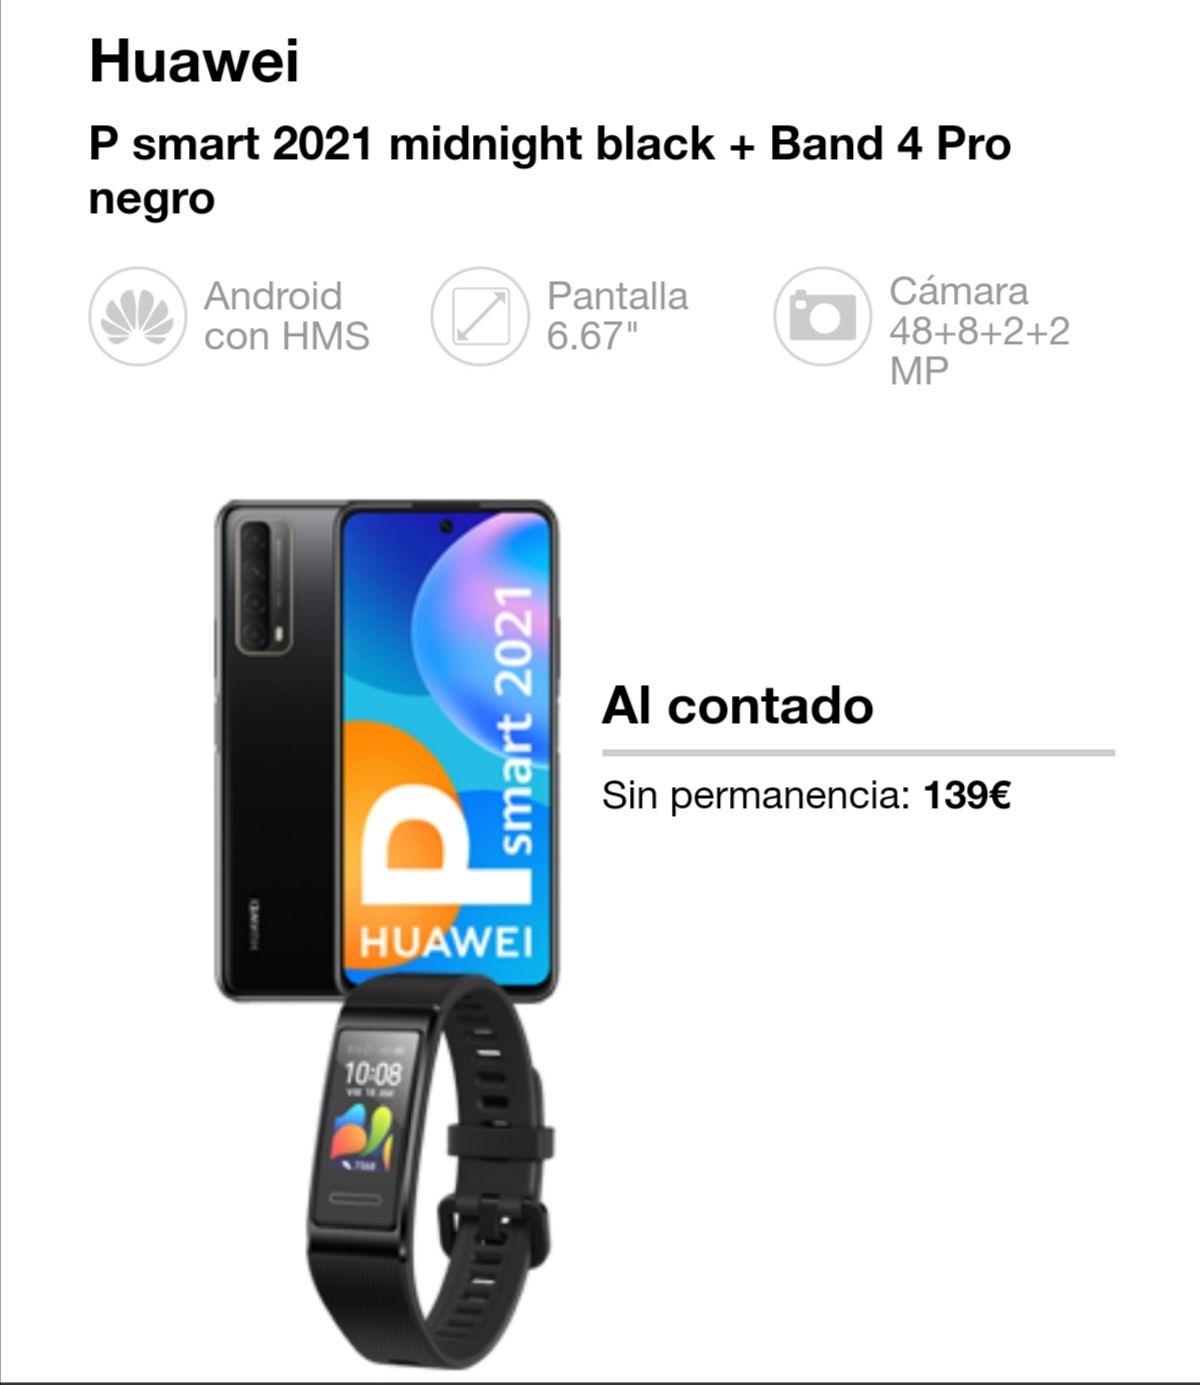 Huawei P smart 2021 midnight black + Band 4 Pro negro